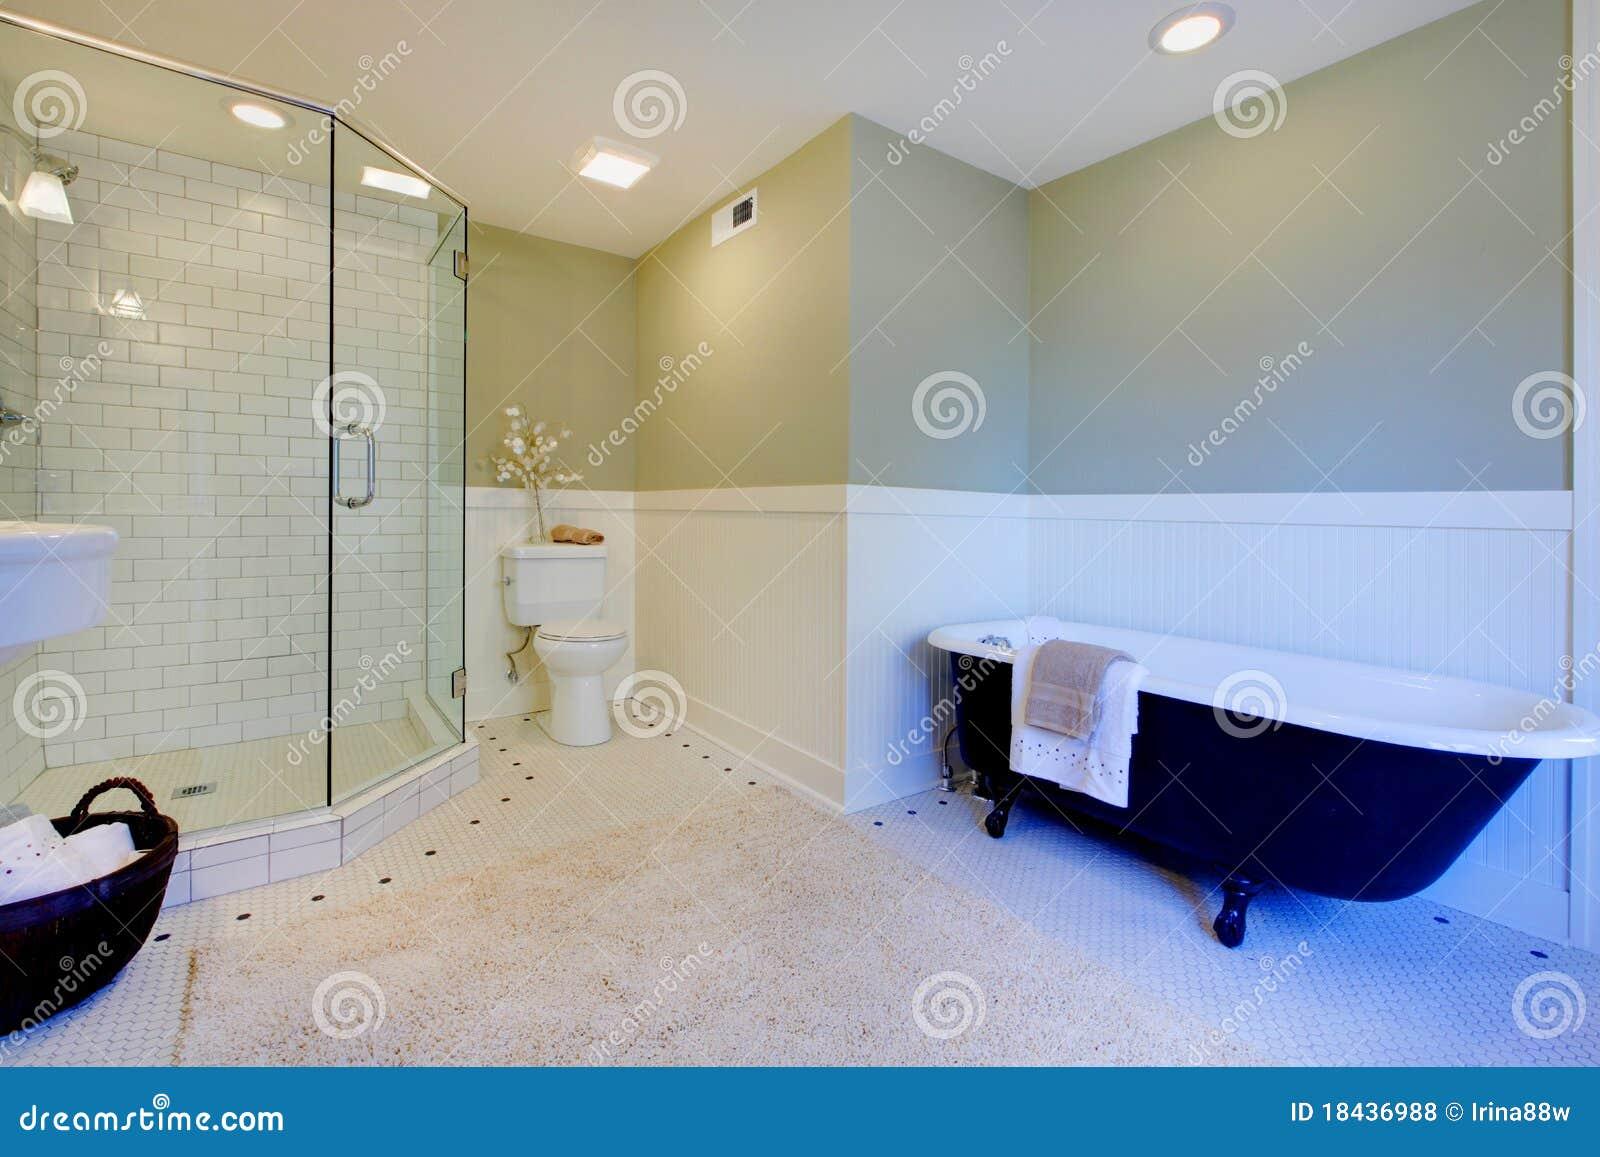 Banheiro Moderno Verde E Branco Fresco Luxuoso Fotos de Stock Royalty  #060625 1300x957 Banheiro Branco Moderno